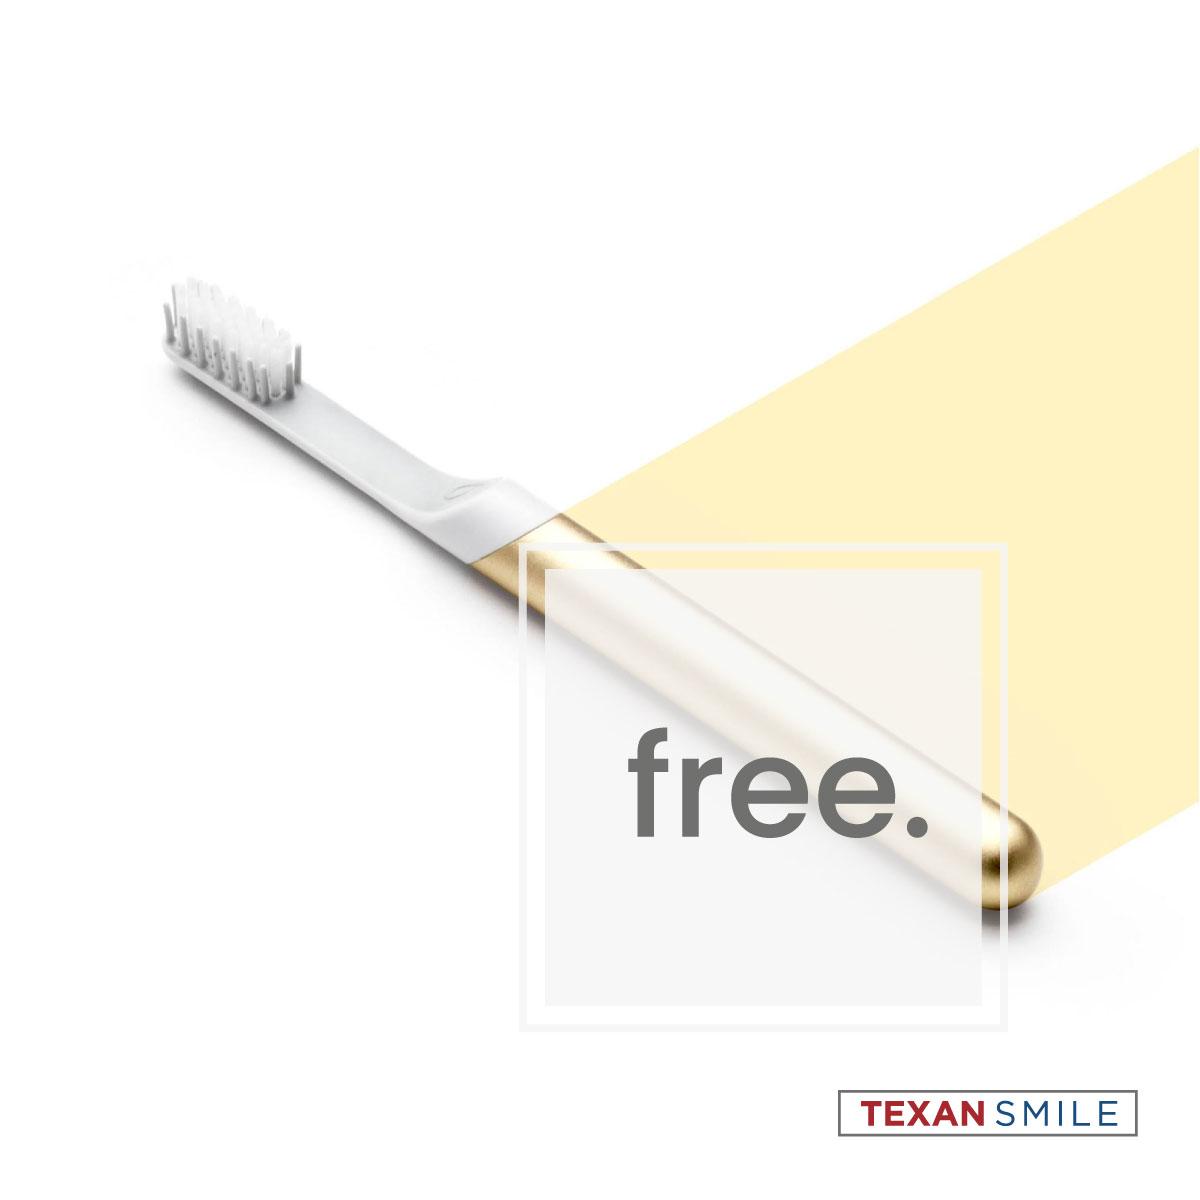 Texan Smile Sugar Land Dentist 77479 Free Quip